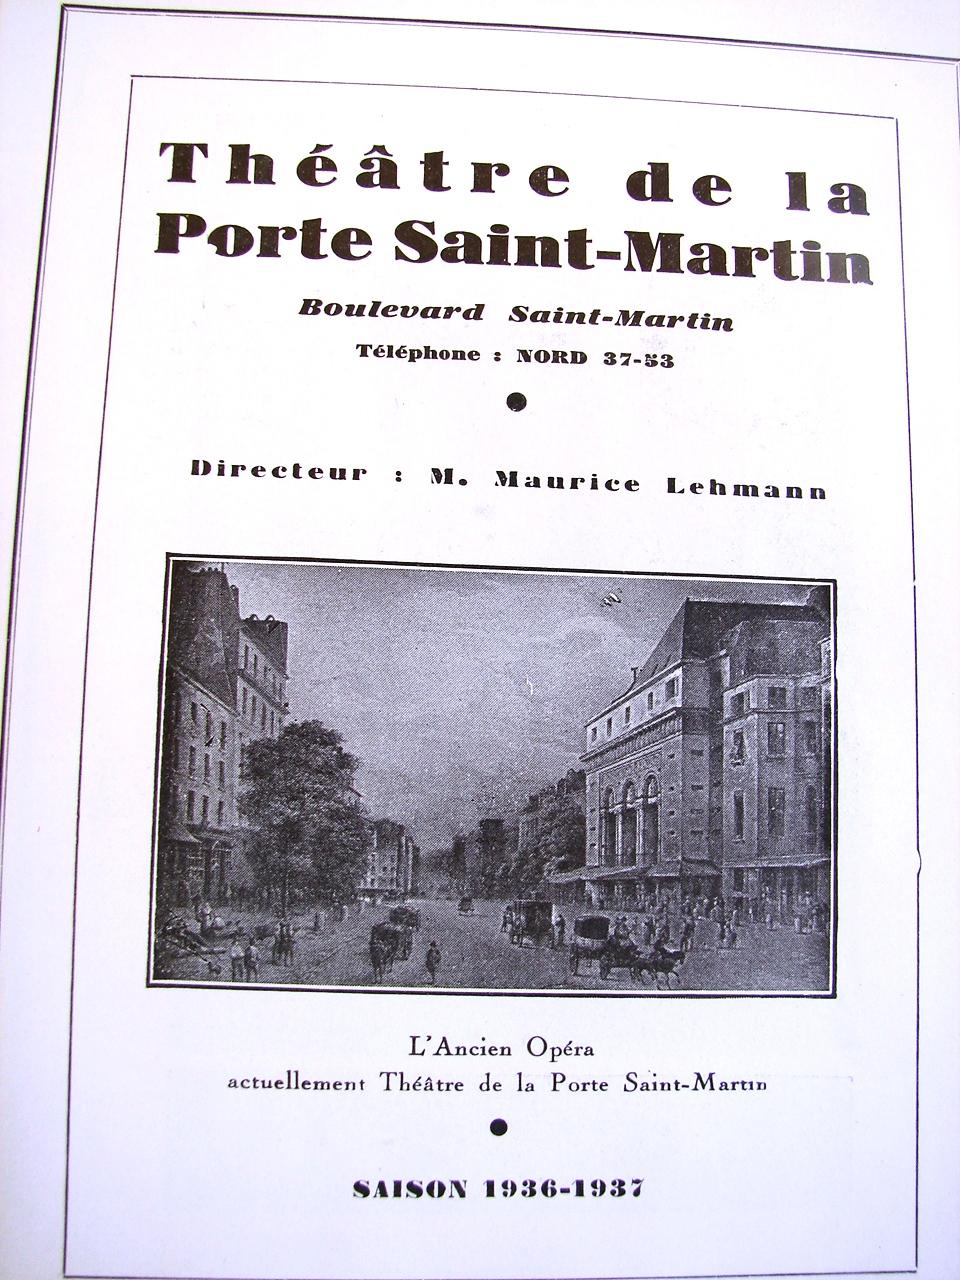 Cyrano de bergerac th tre de la porte saint martin paris - Petit theatre de la porte saint martin ...